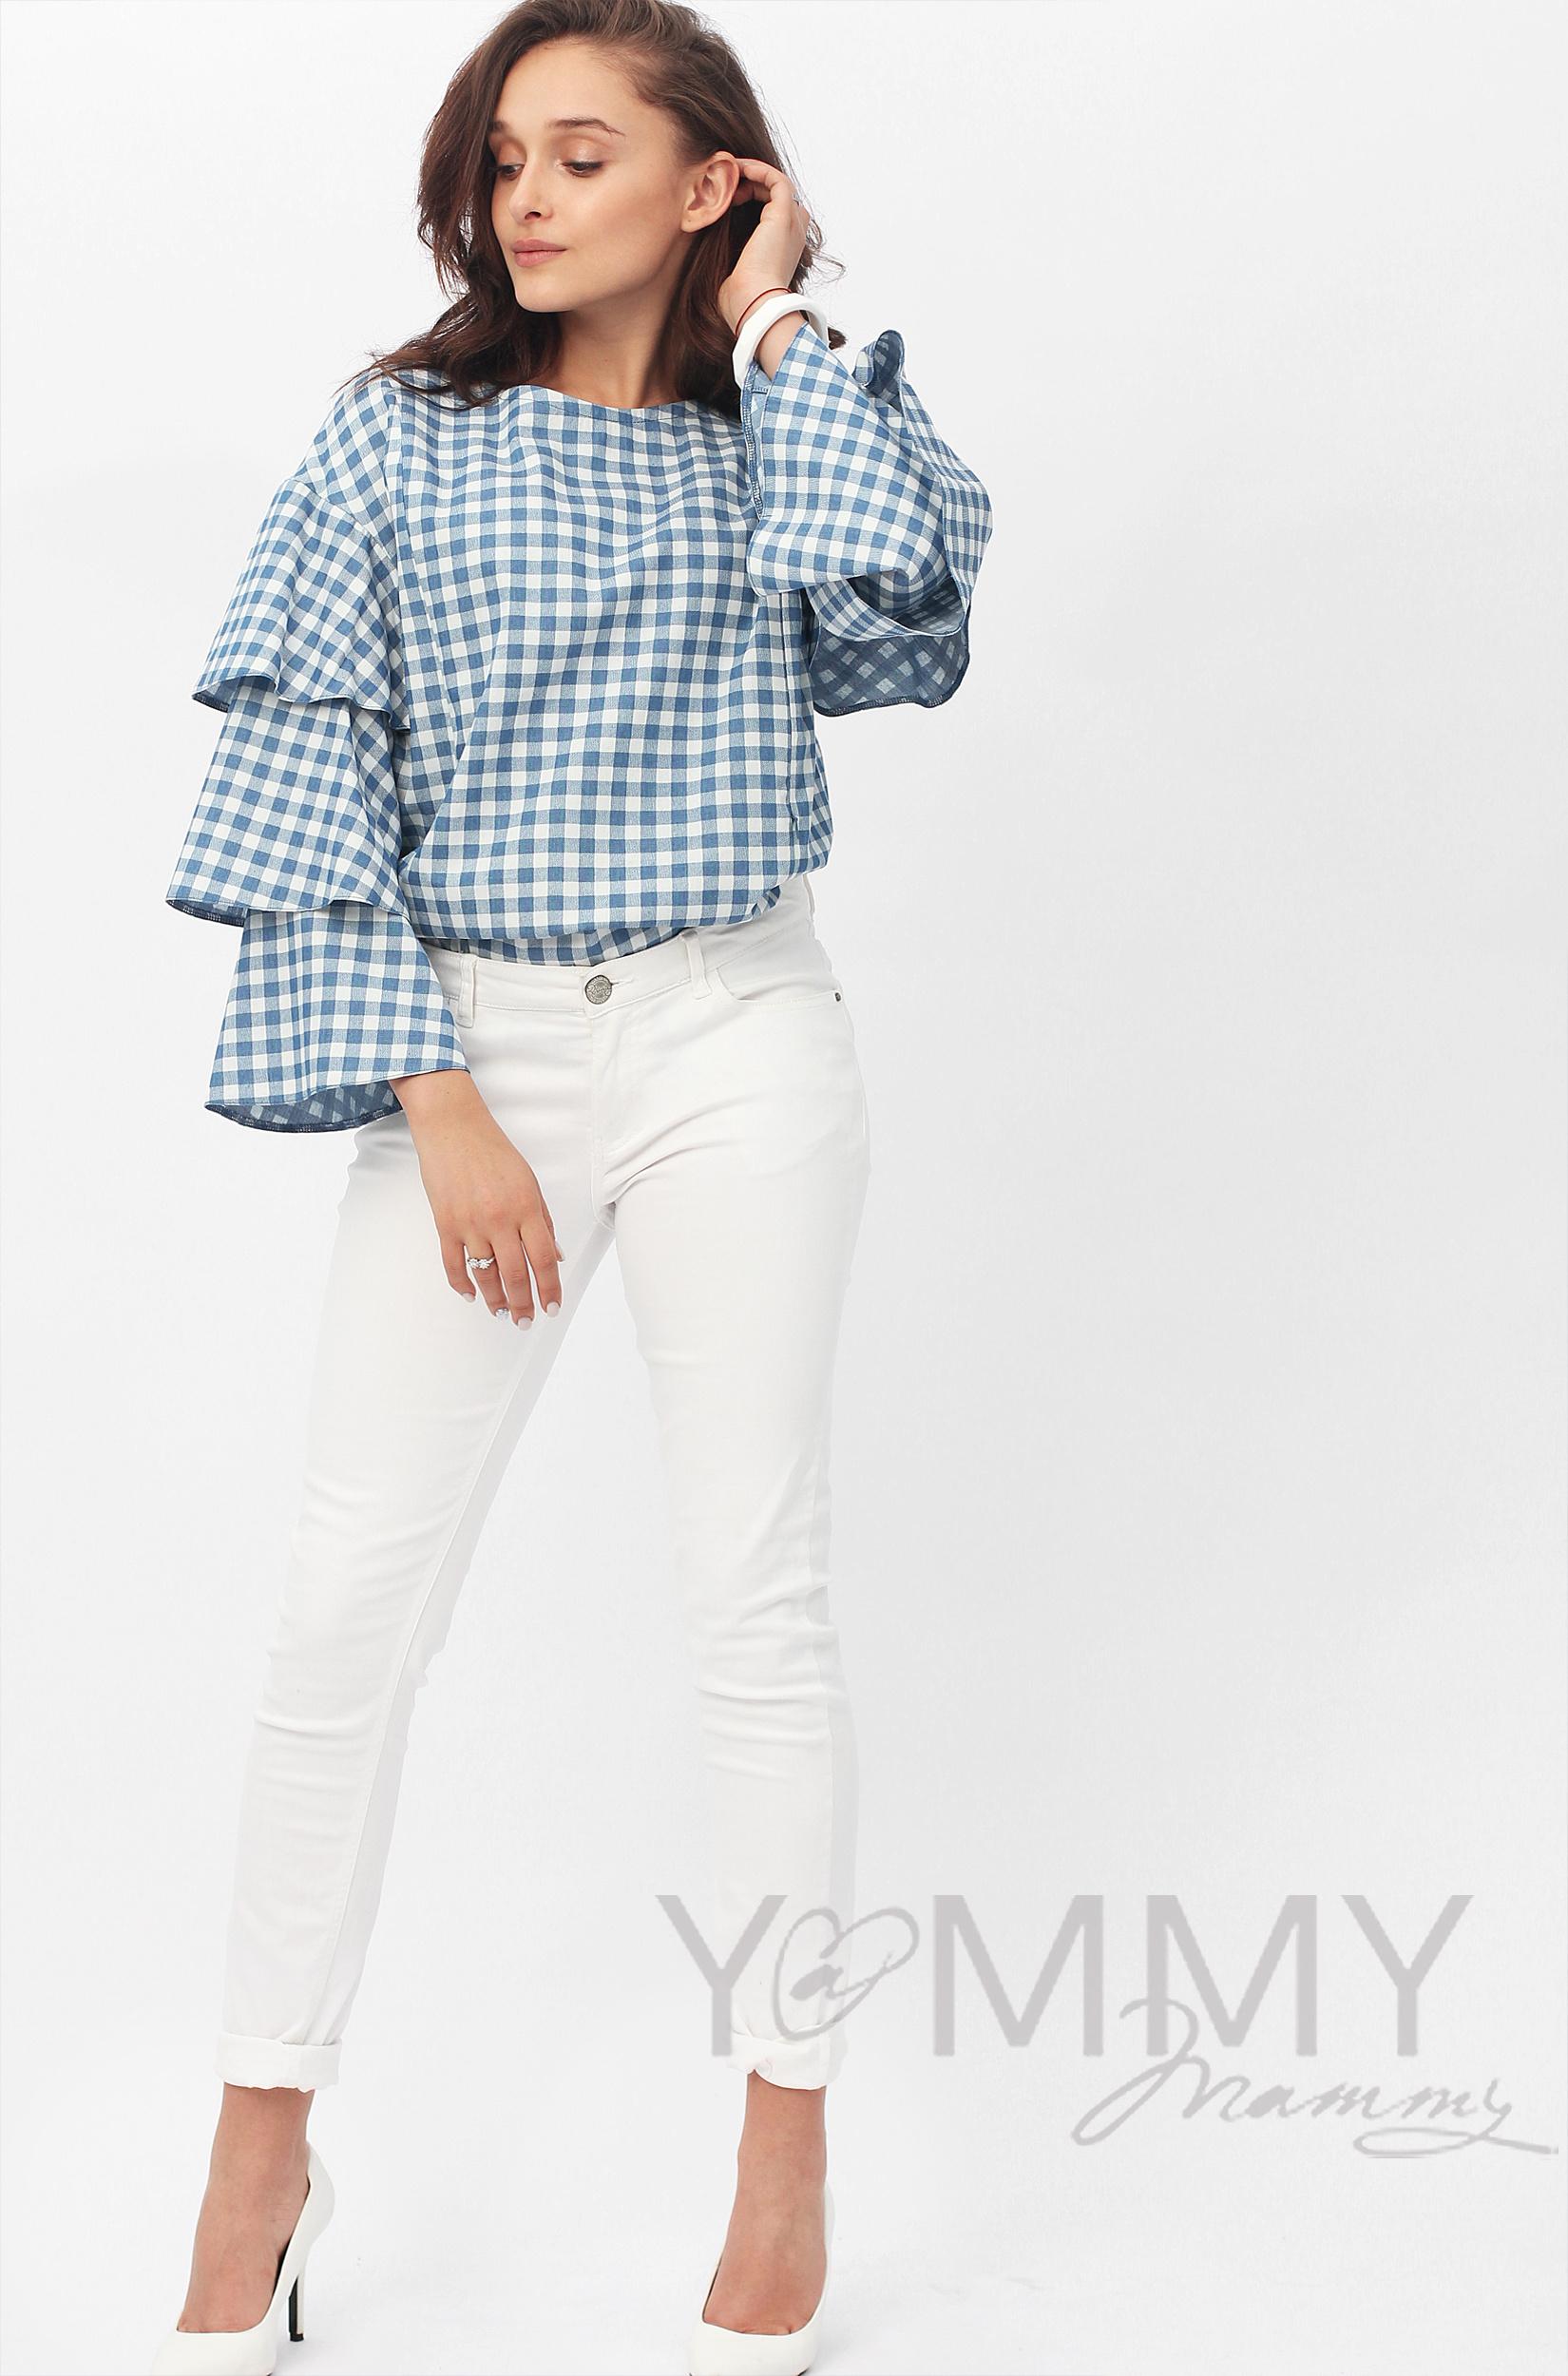 Y@mmy Mammy/scoro/ym_bluza_jeans_blue_volan_kletka11.jpg